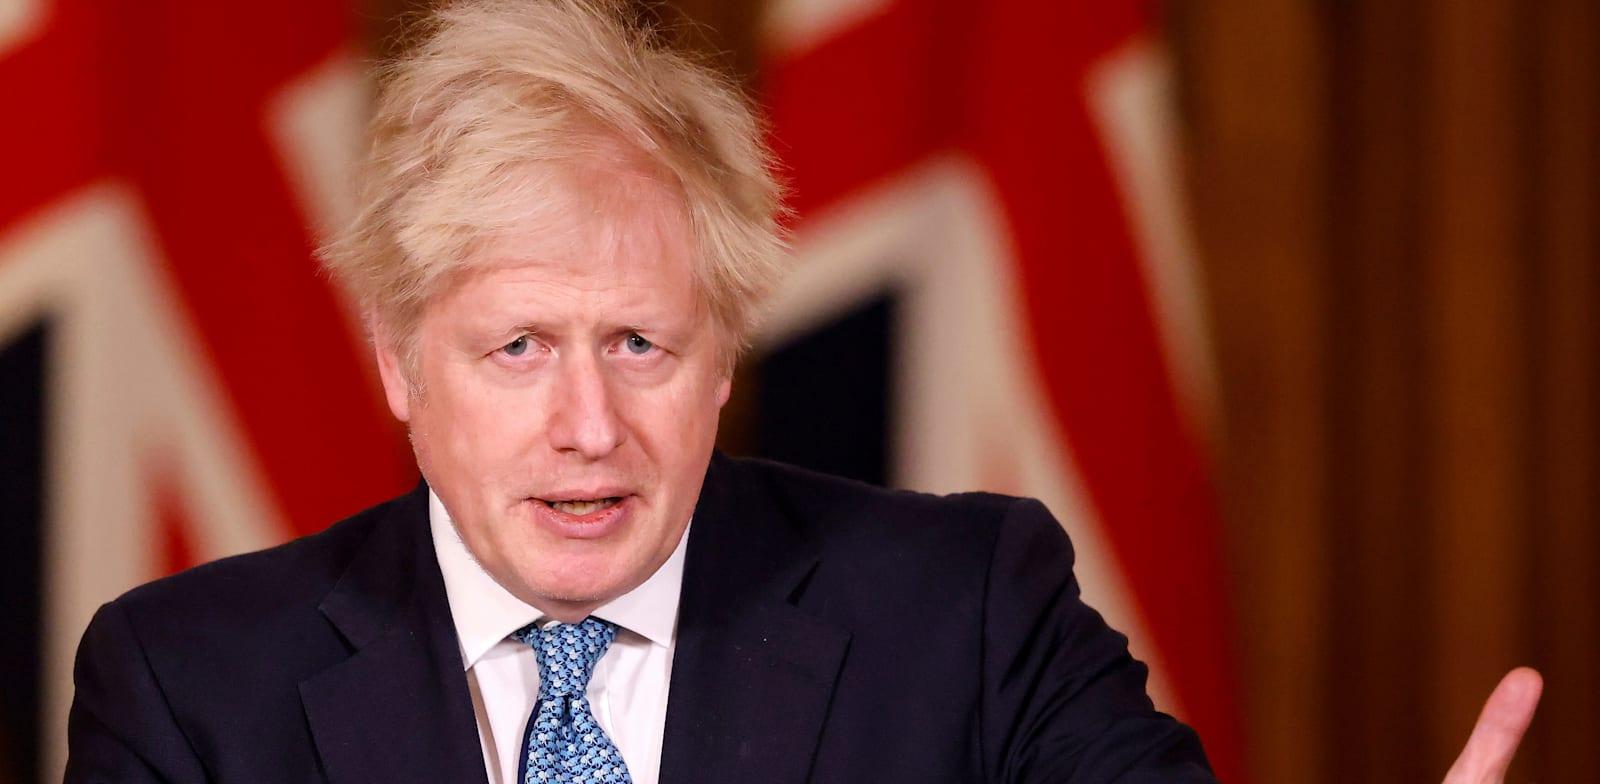 ראש ממשלת בריטניה בוריס ג'ונסון הערב / צילום: Associated Press, Tolga Akmen